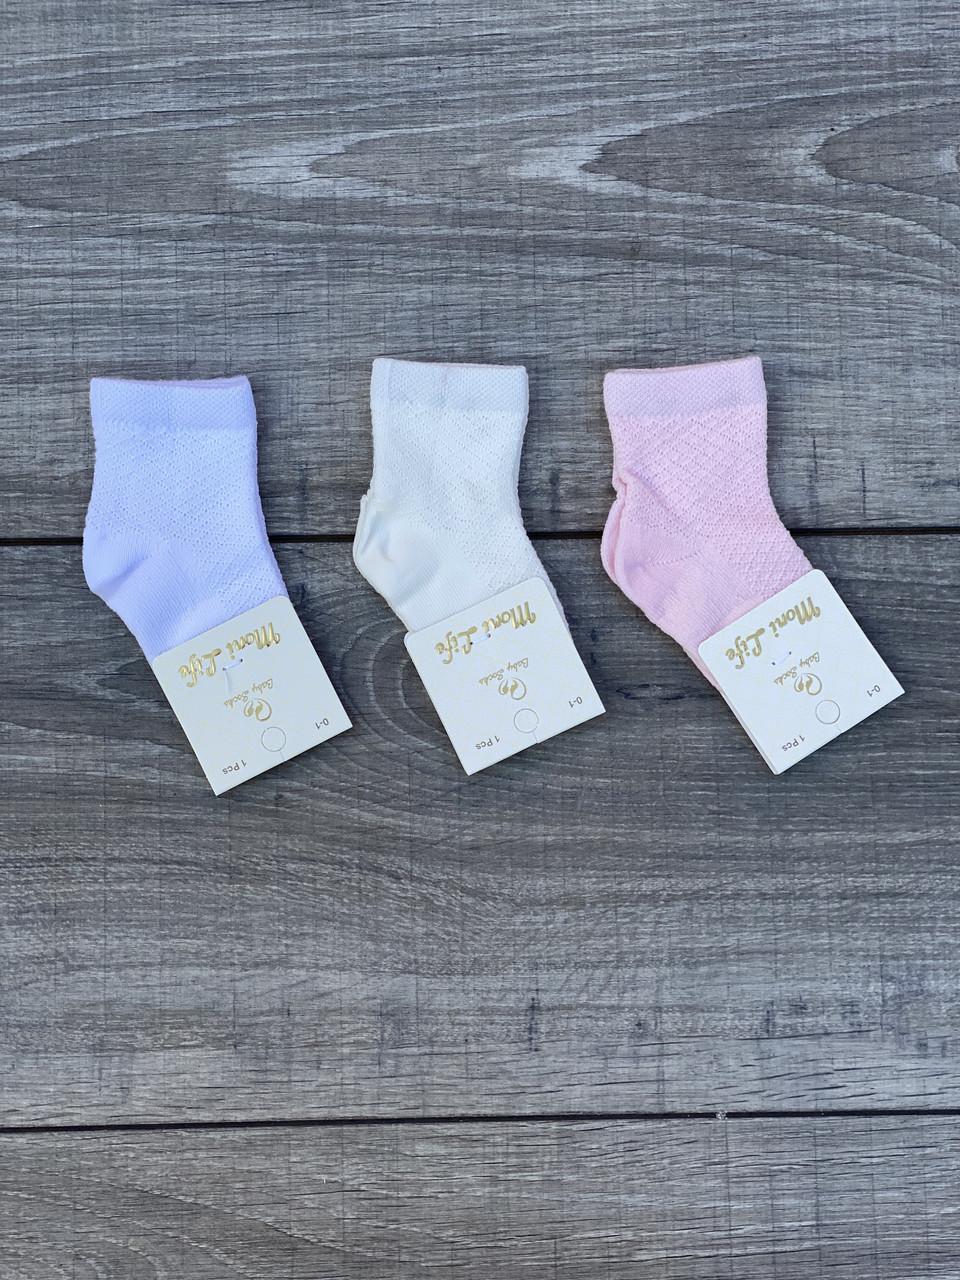 Шкарпетки дитячі для немовлят бавовна Moni Life для дівчаток 0-1,1-2 3-4 роки 12 шт в уп мікс кольорів